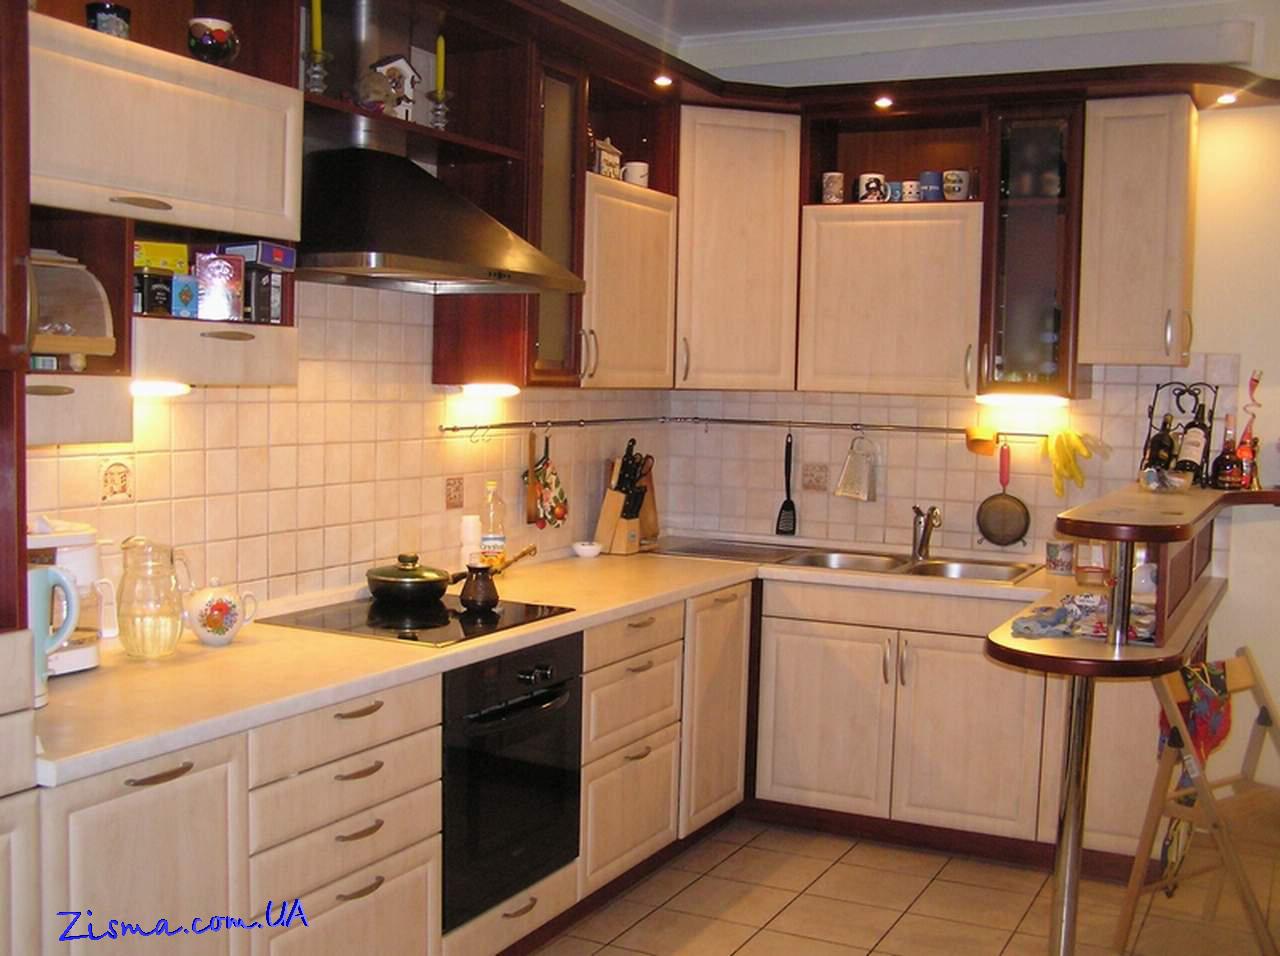 Дизайн кухни 8м2 с балконом дизайн кухни - фото, описание, с.